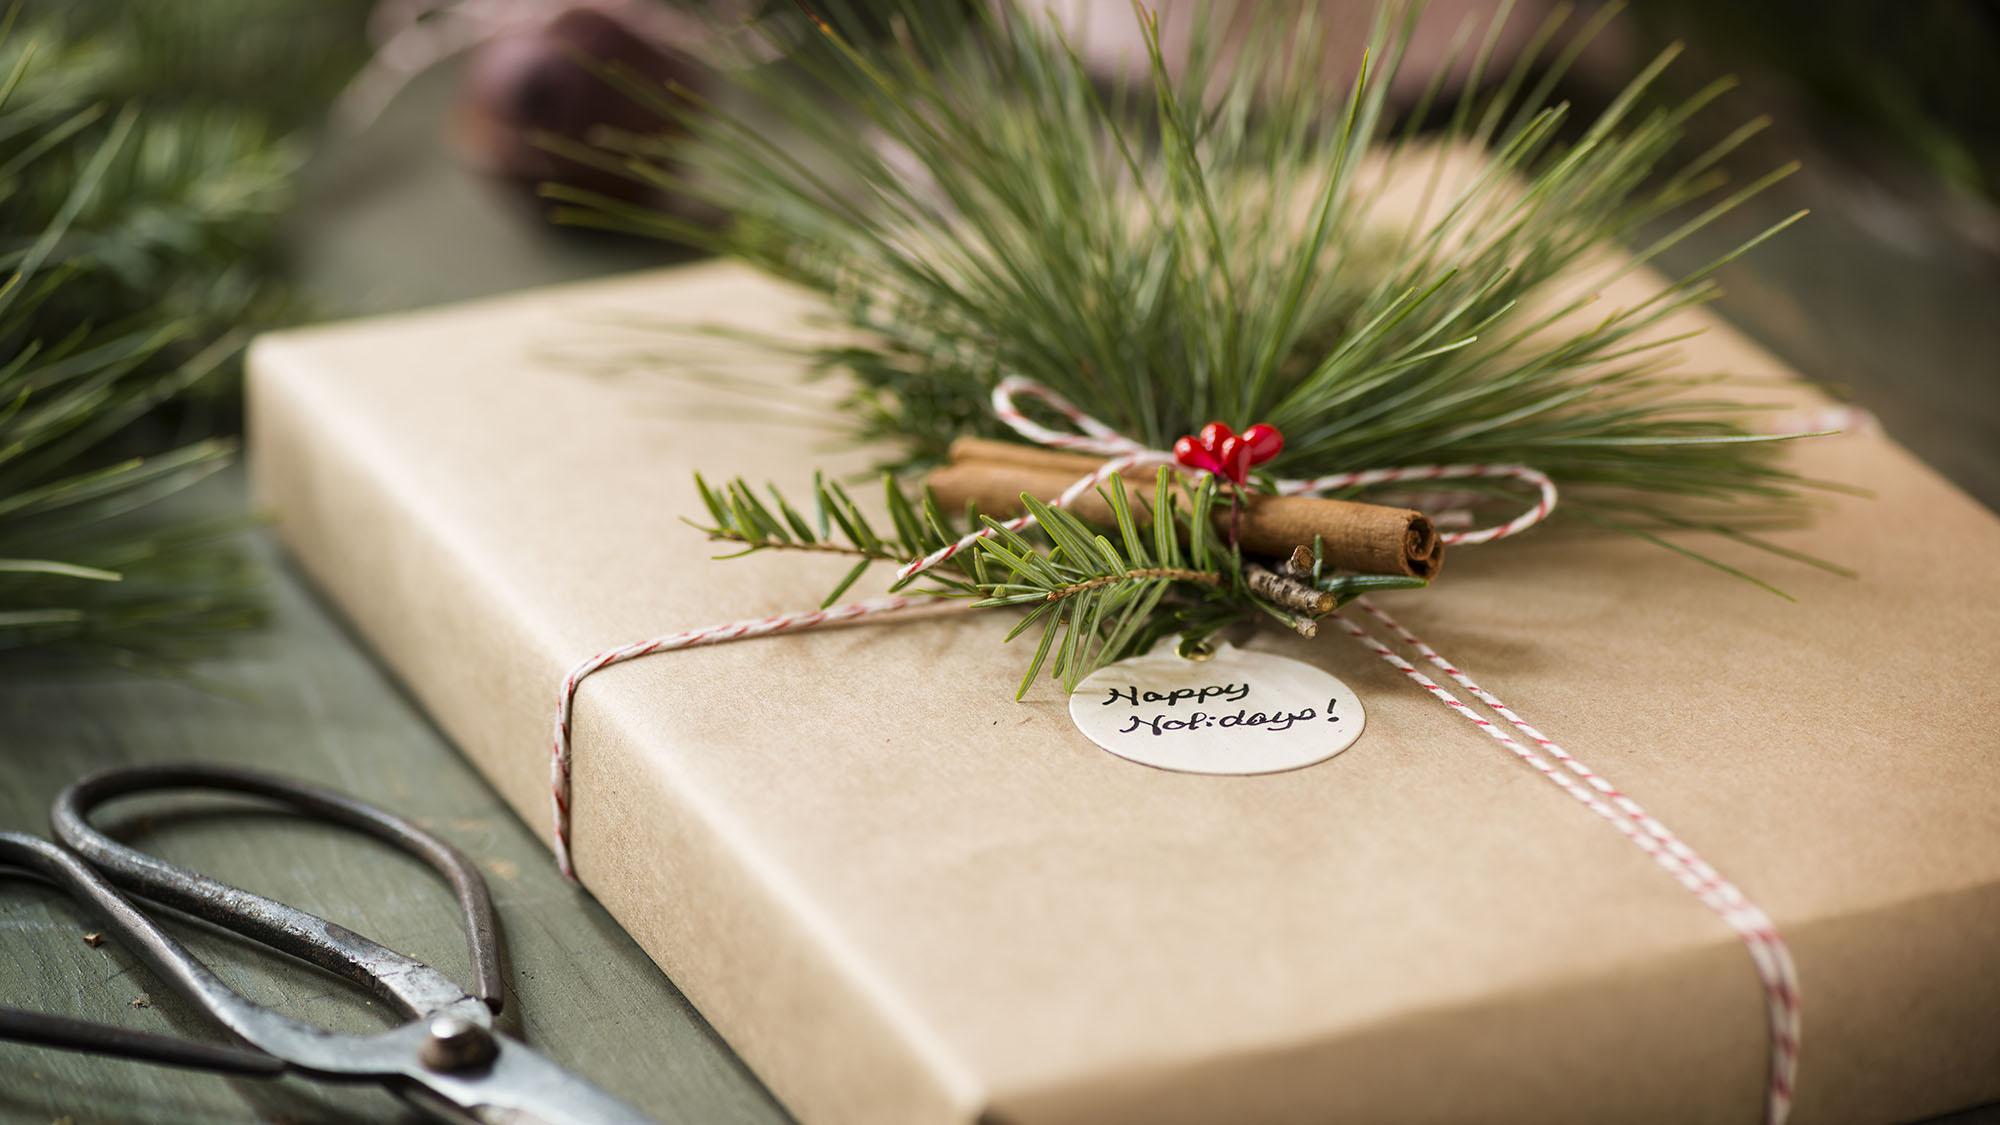 Christmas present 171576258 UK CW